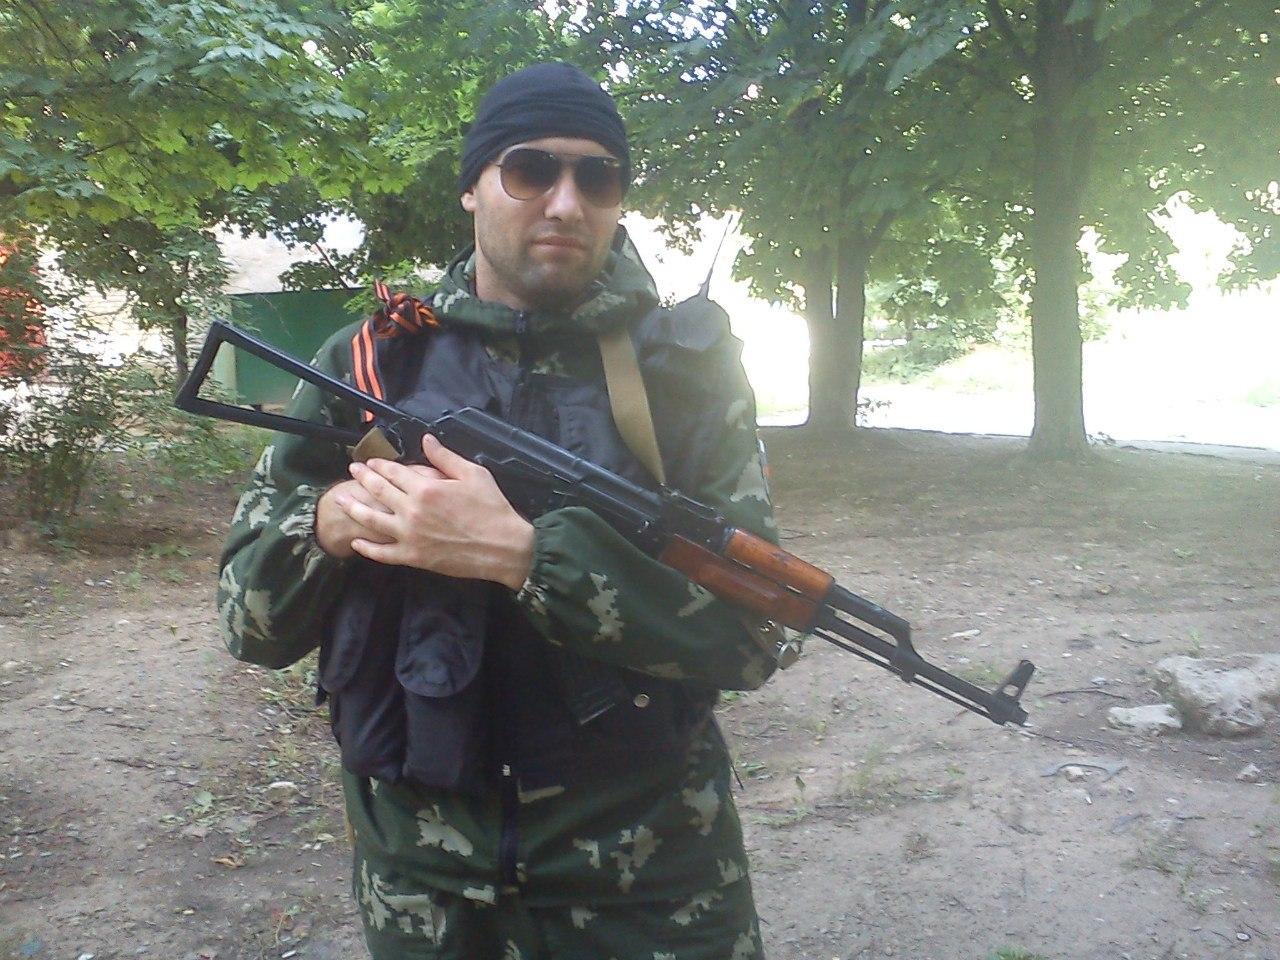 Террористов должен судить военный трибунал, - Наливайченко - Цензор.НЕТ 5605